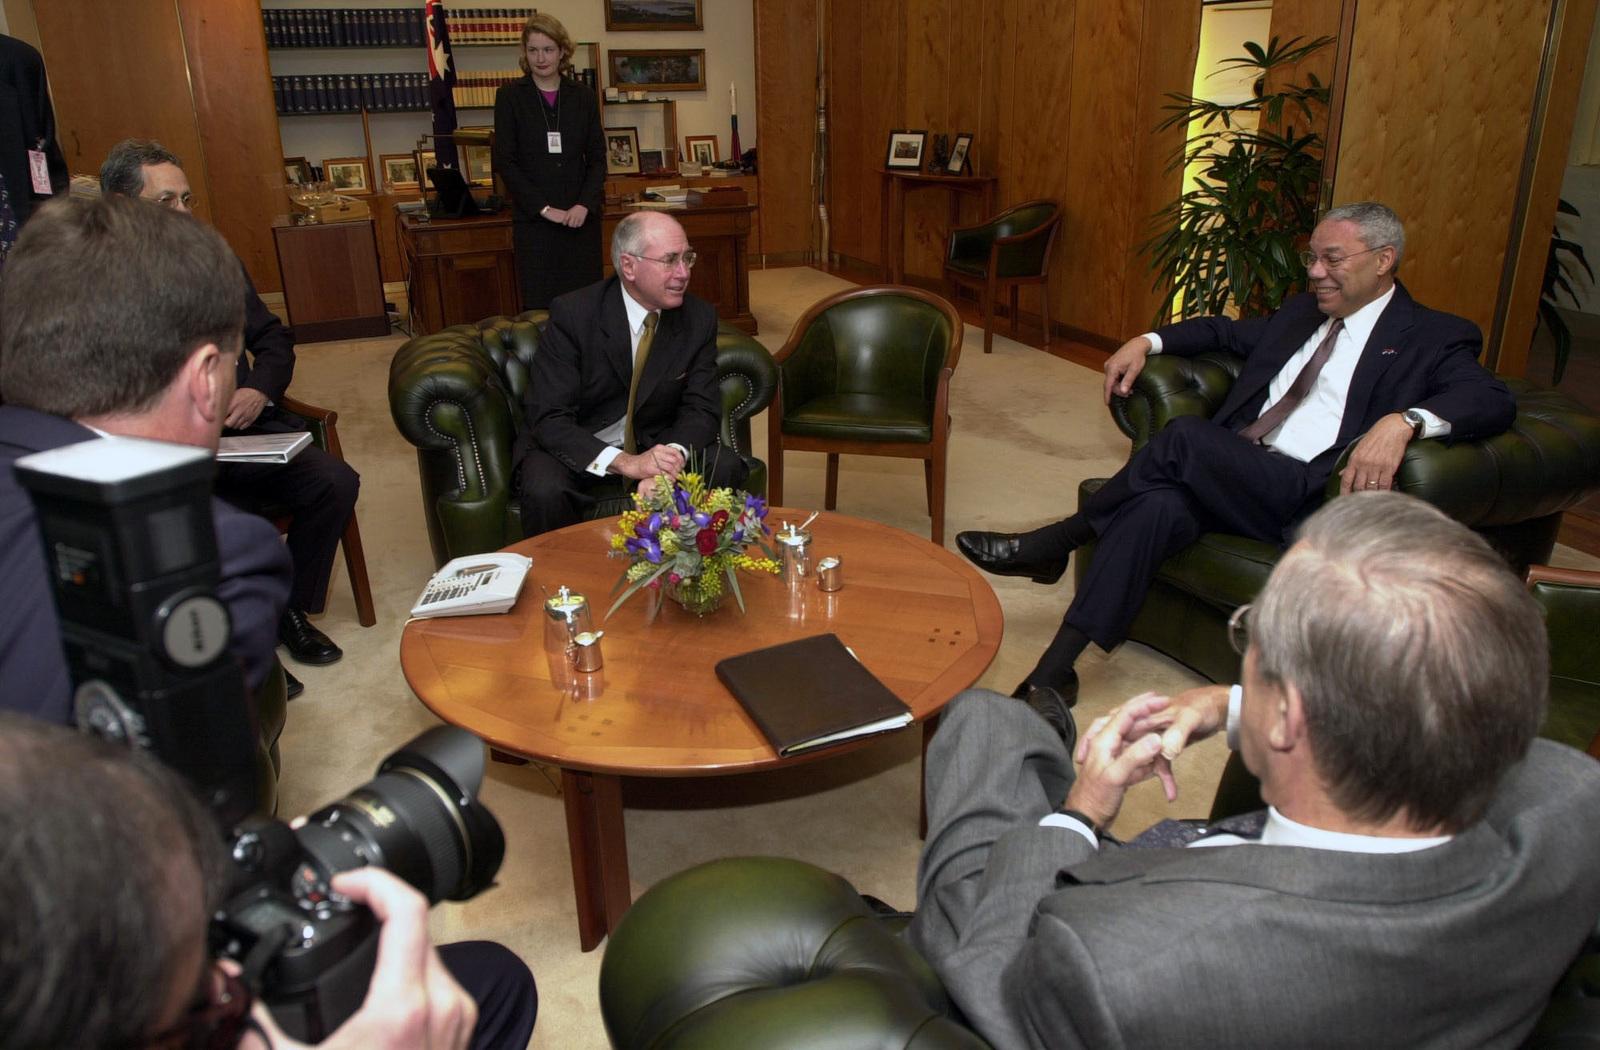 Australian Prime Minister John Howard seated background center 1600x1050